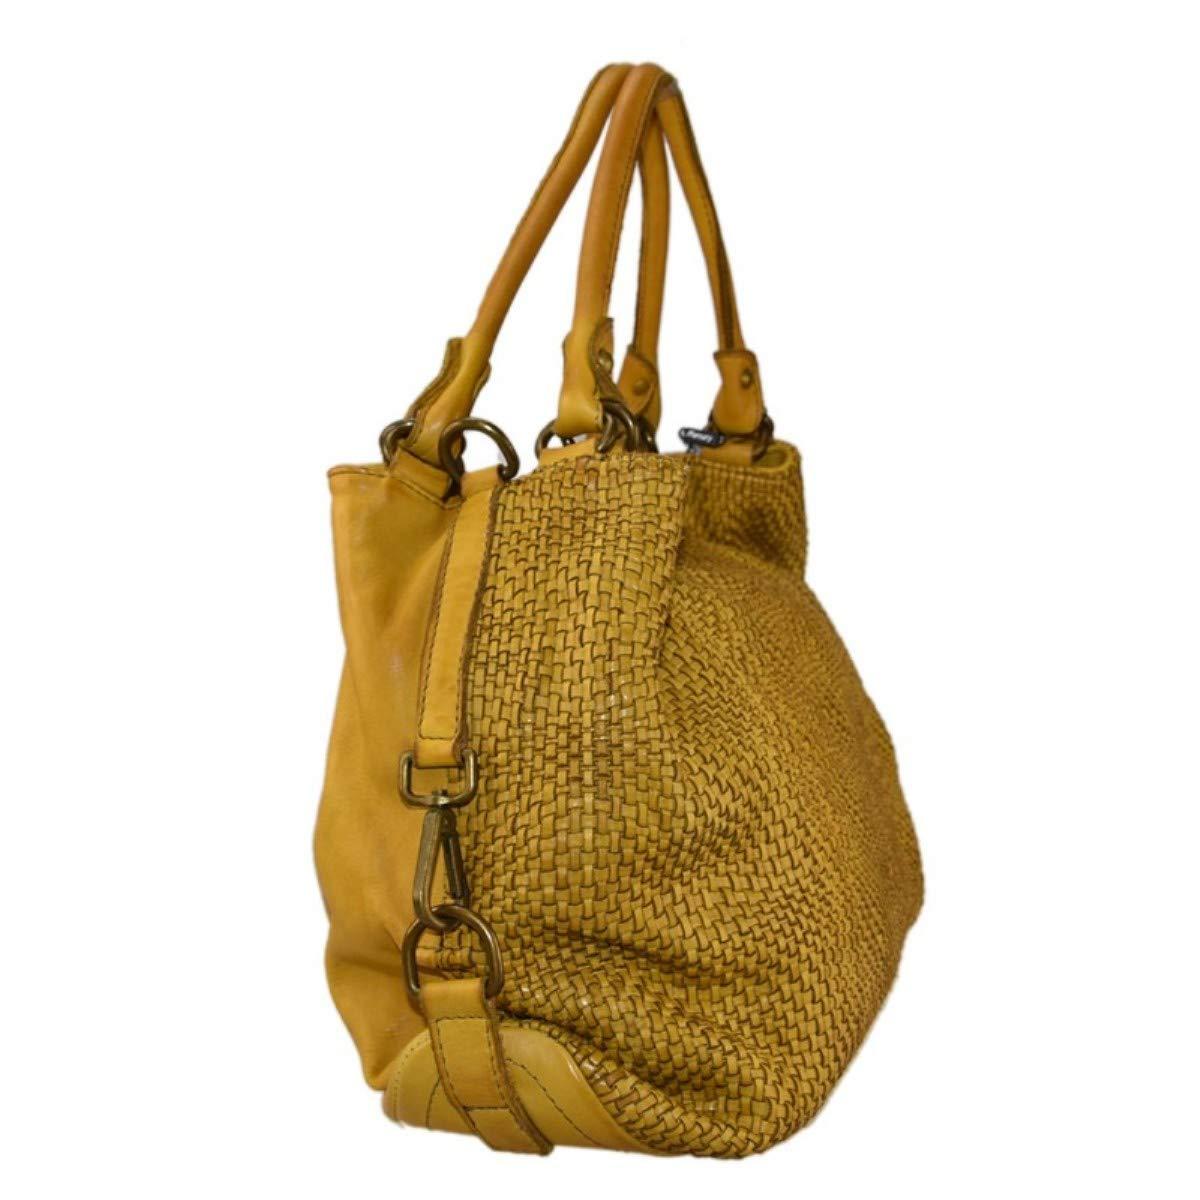 Zeta Shop axelväska av äkta läder, flätad, för kvinnor, vintage, färgad och tvättad, av flätat tyg, tillverkad i Italien gUL